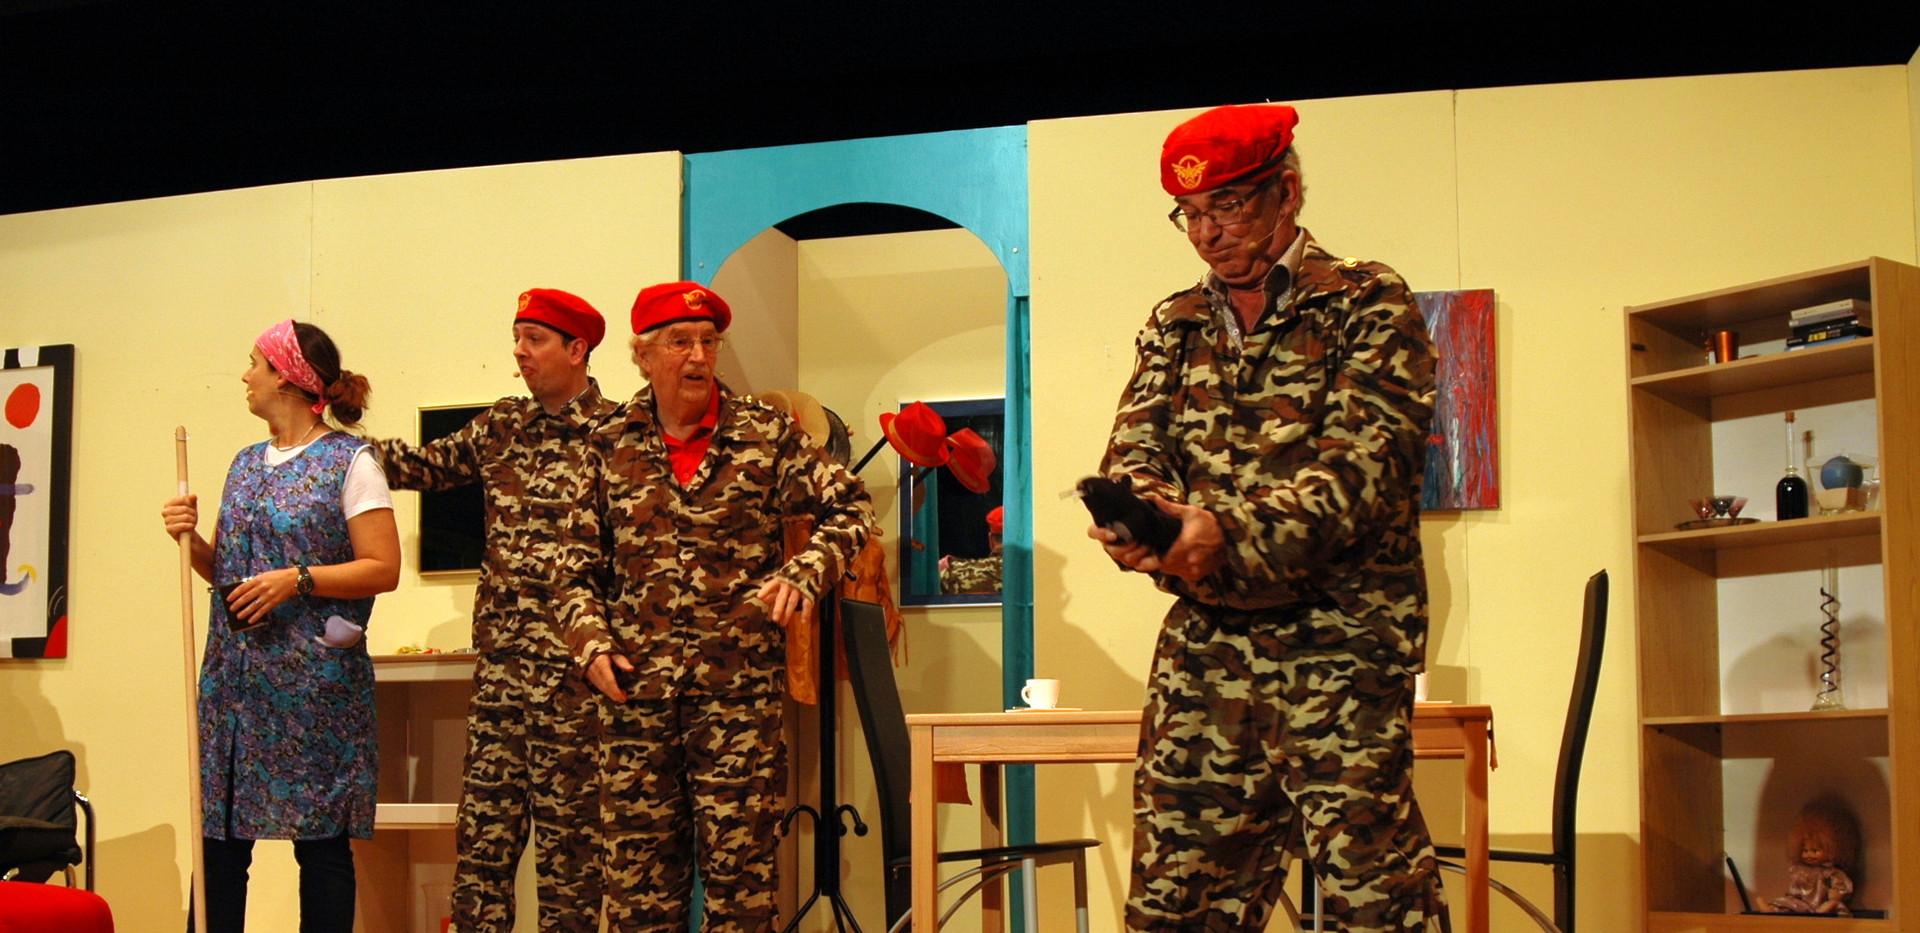 Theaterbilder2018 (40).JPG